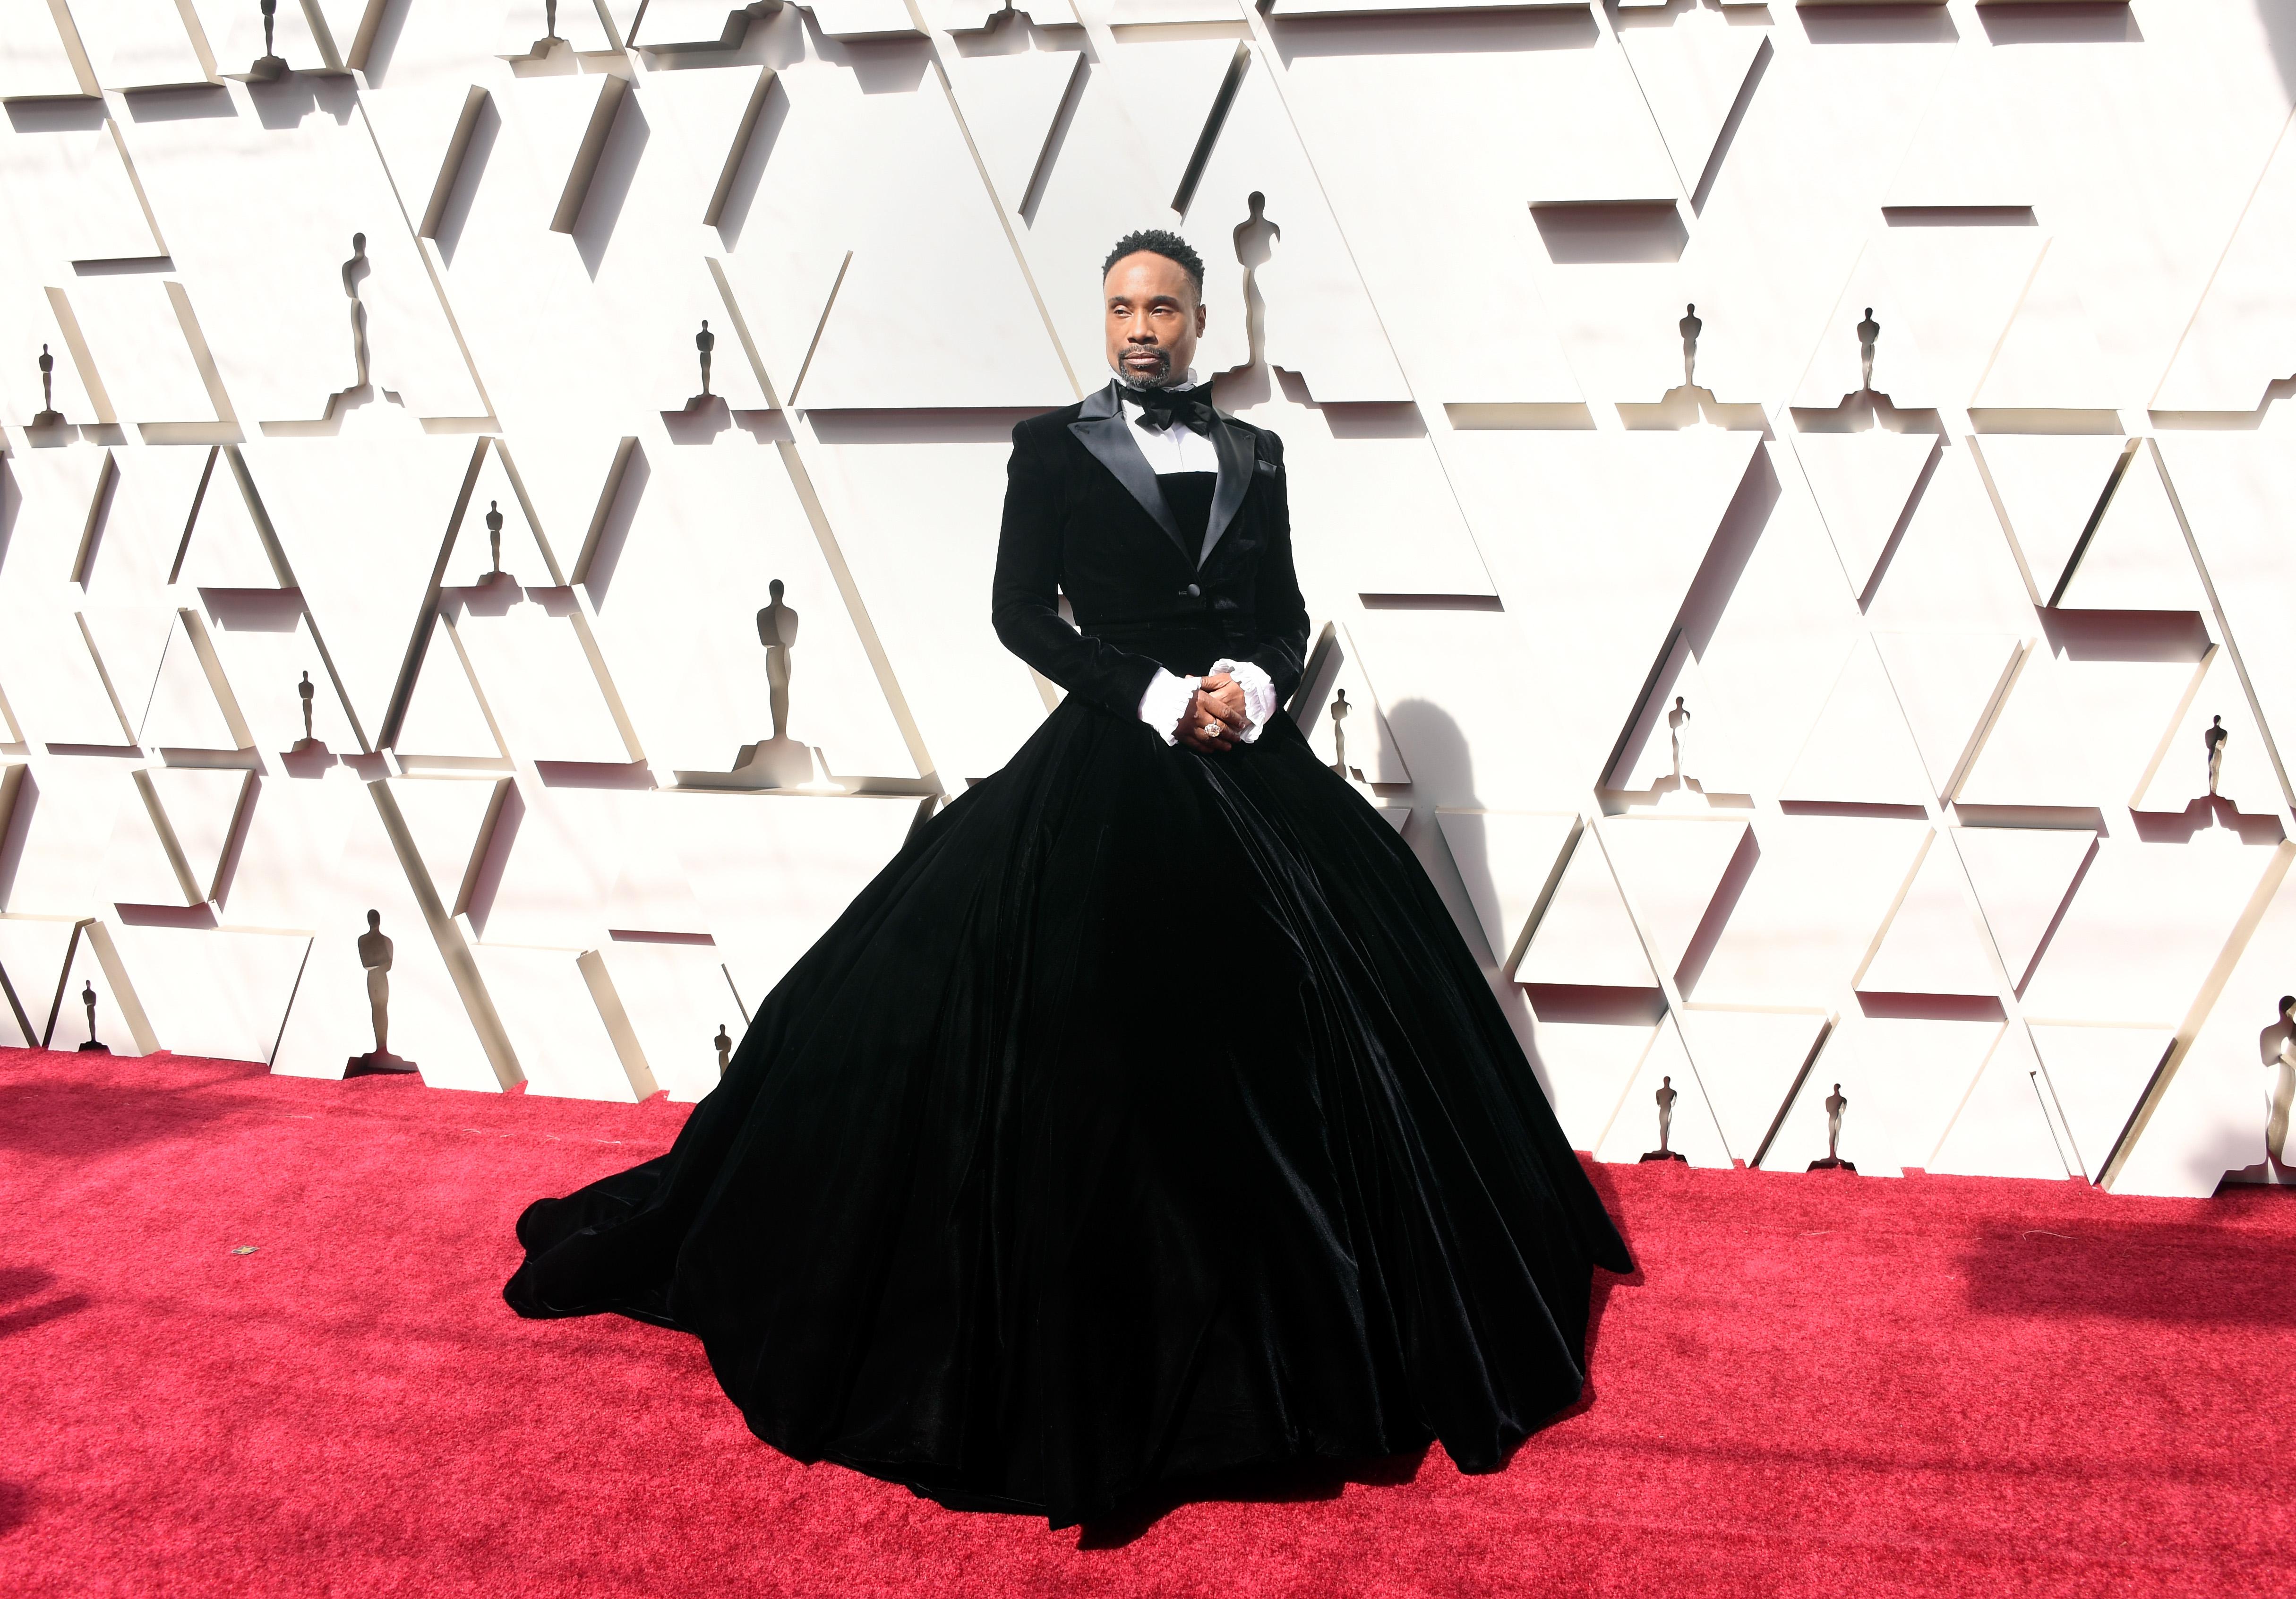 """Американският актьор, певец и сценичен изпълнител Били Портър прави смело """"изявление"""", явявайки се на Церемонията по връчването на наградите Оскар в кадифена смокинг-рокля. Половодефиниращият аутфит, изработен от дизайнера Крисчън Сириано, подлуди заклетите ползватели на социални мрежи и събуди разпалени дискусии, продължаващи и към този момент."""